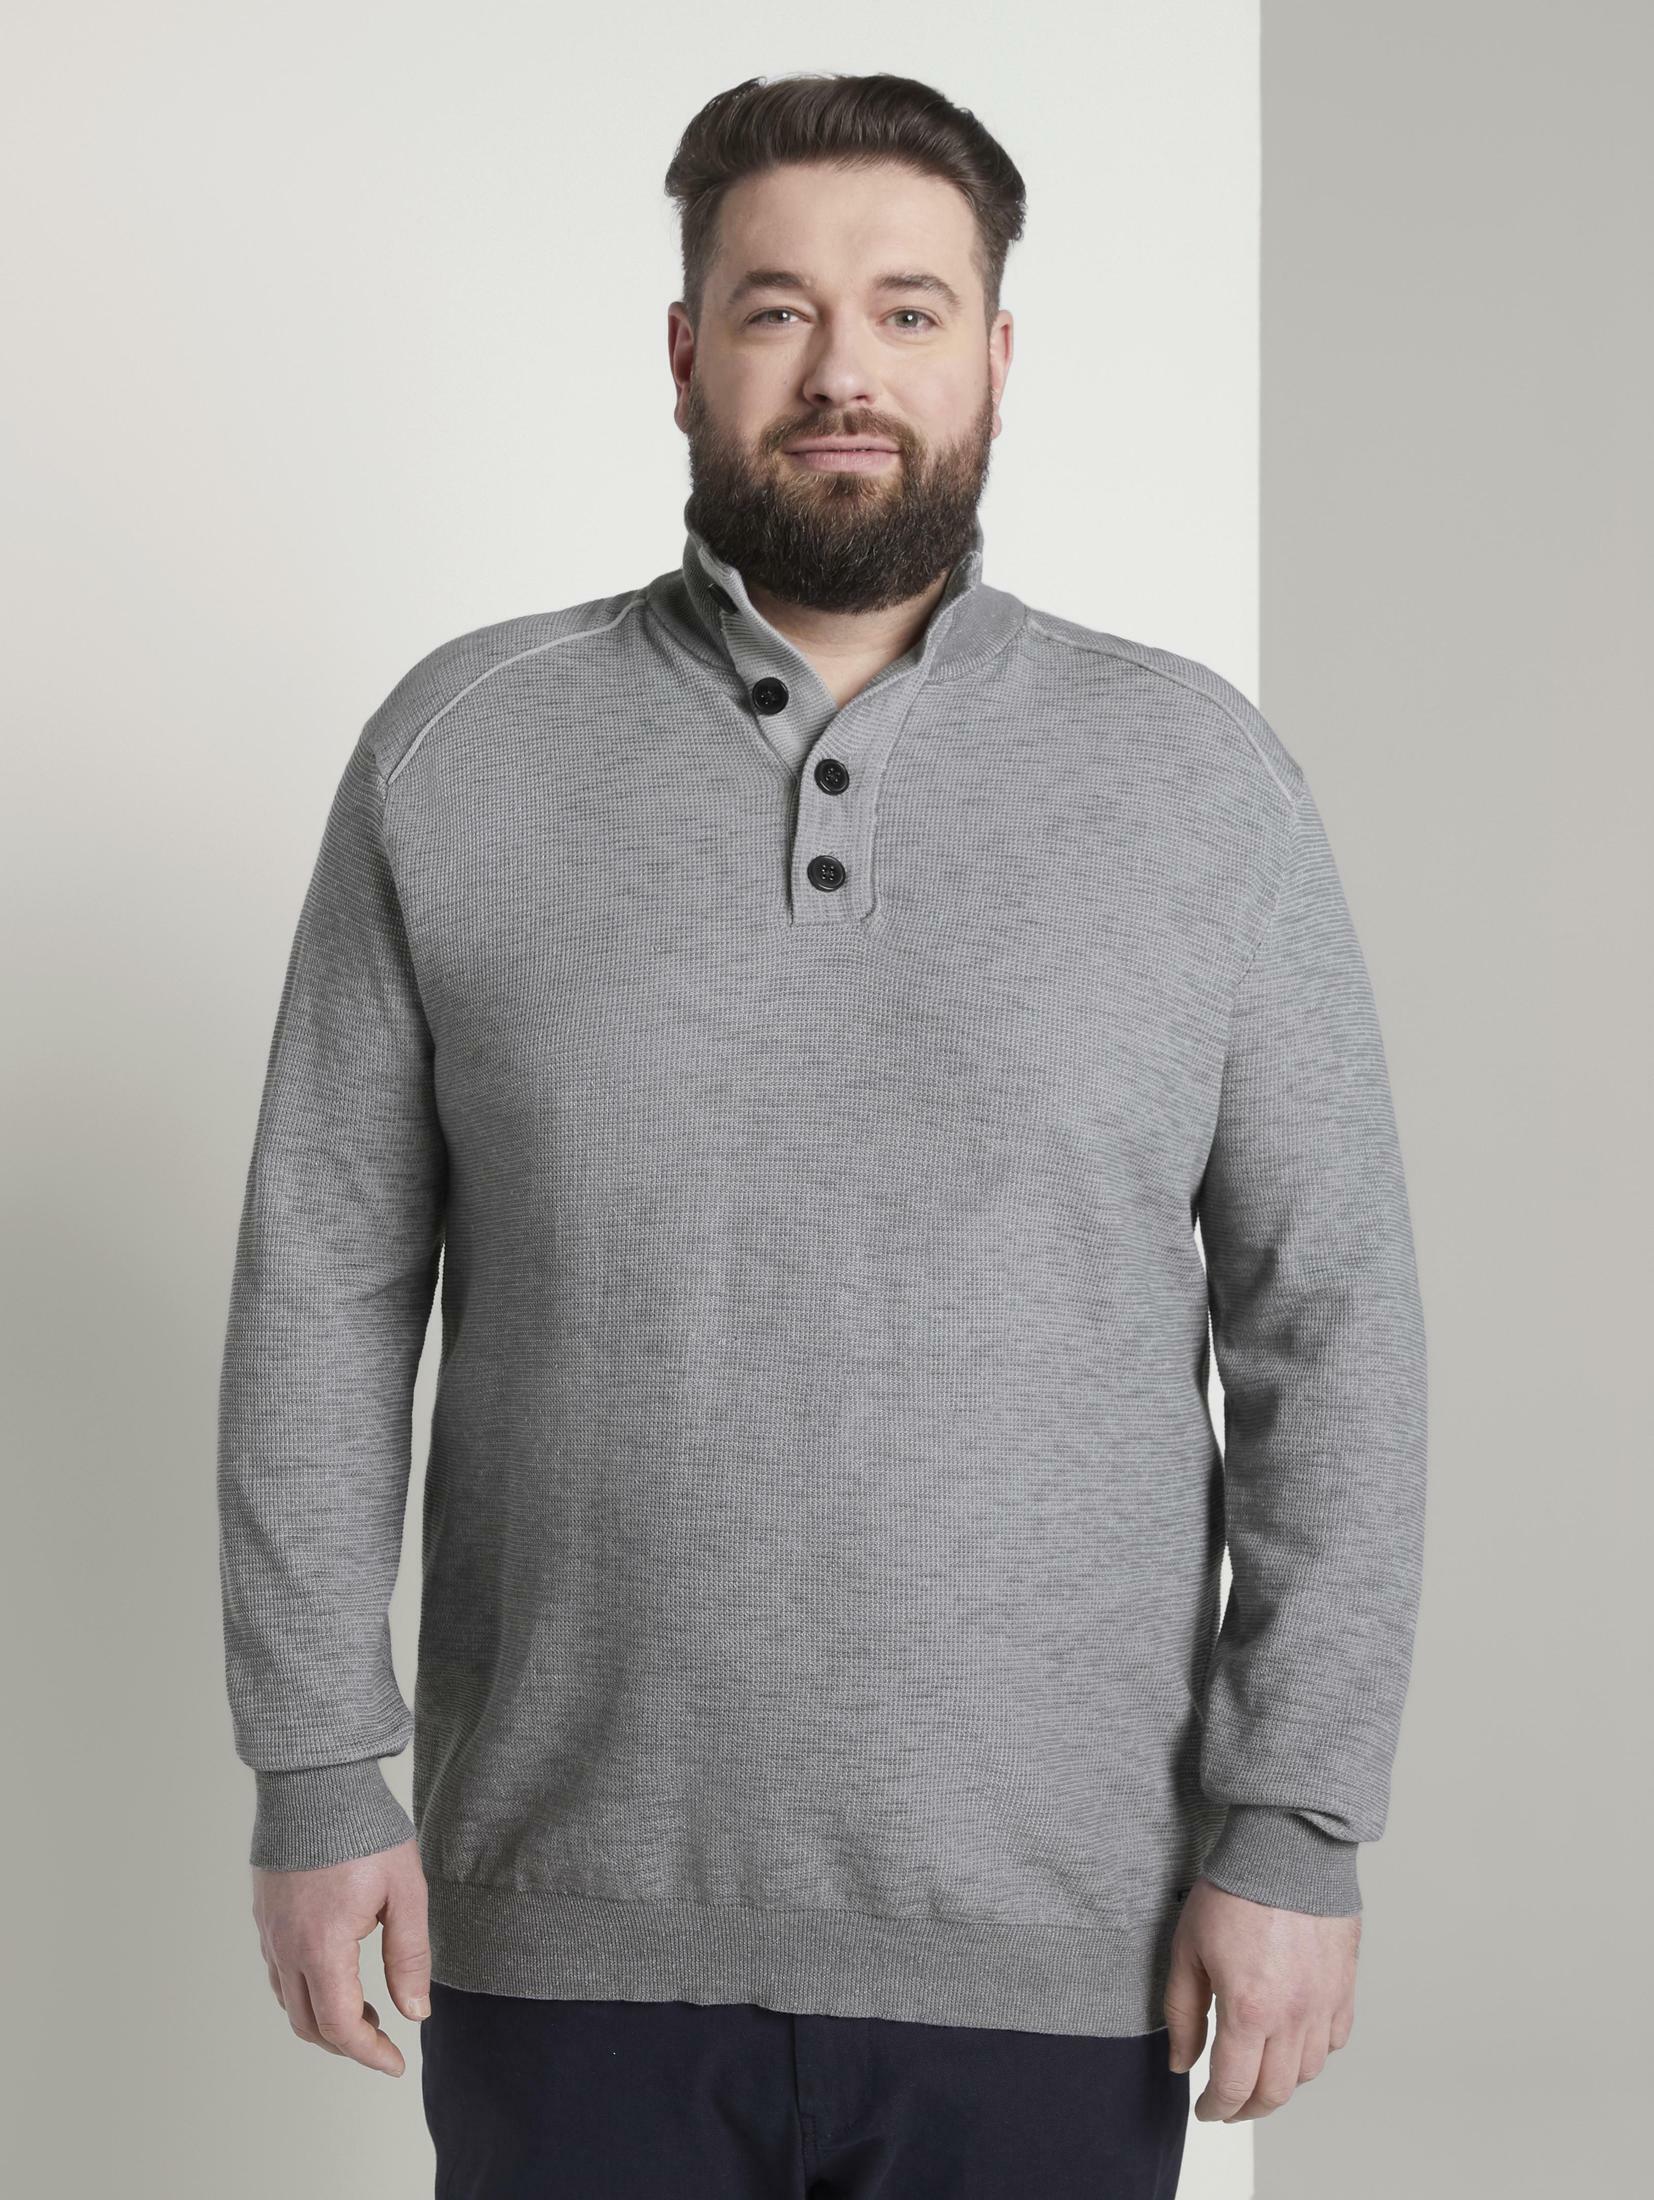 tom tailor men plus -  Stehkragenpullover Strickpullover mit Stehkragen